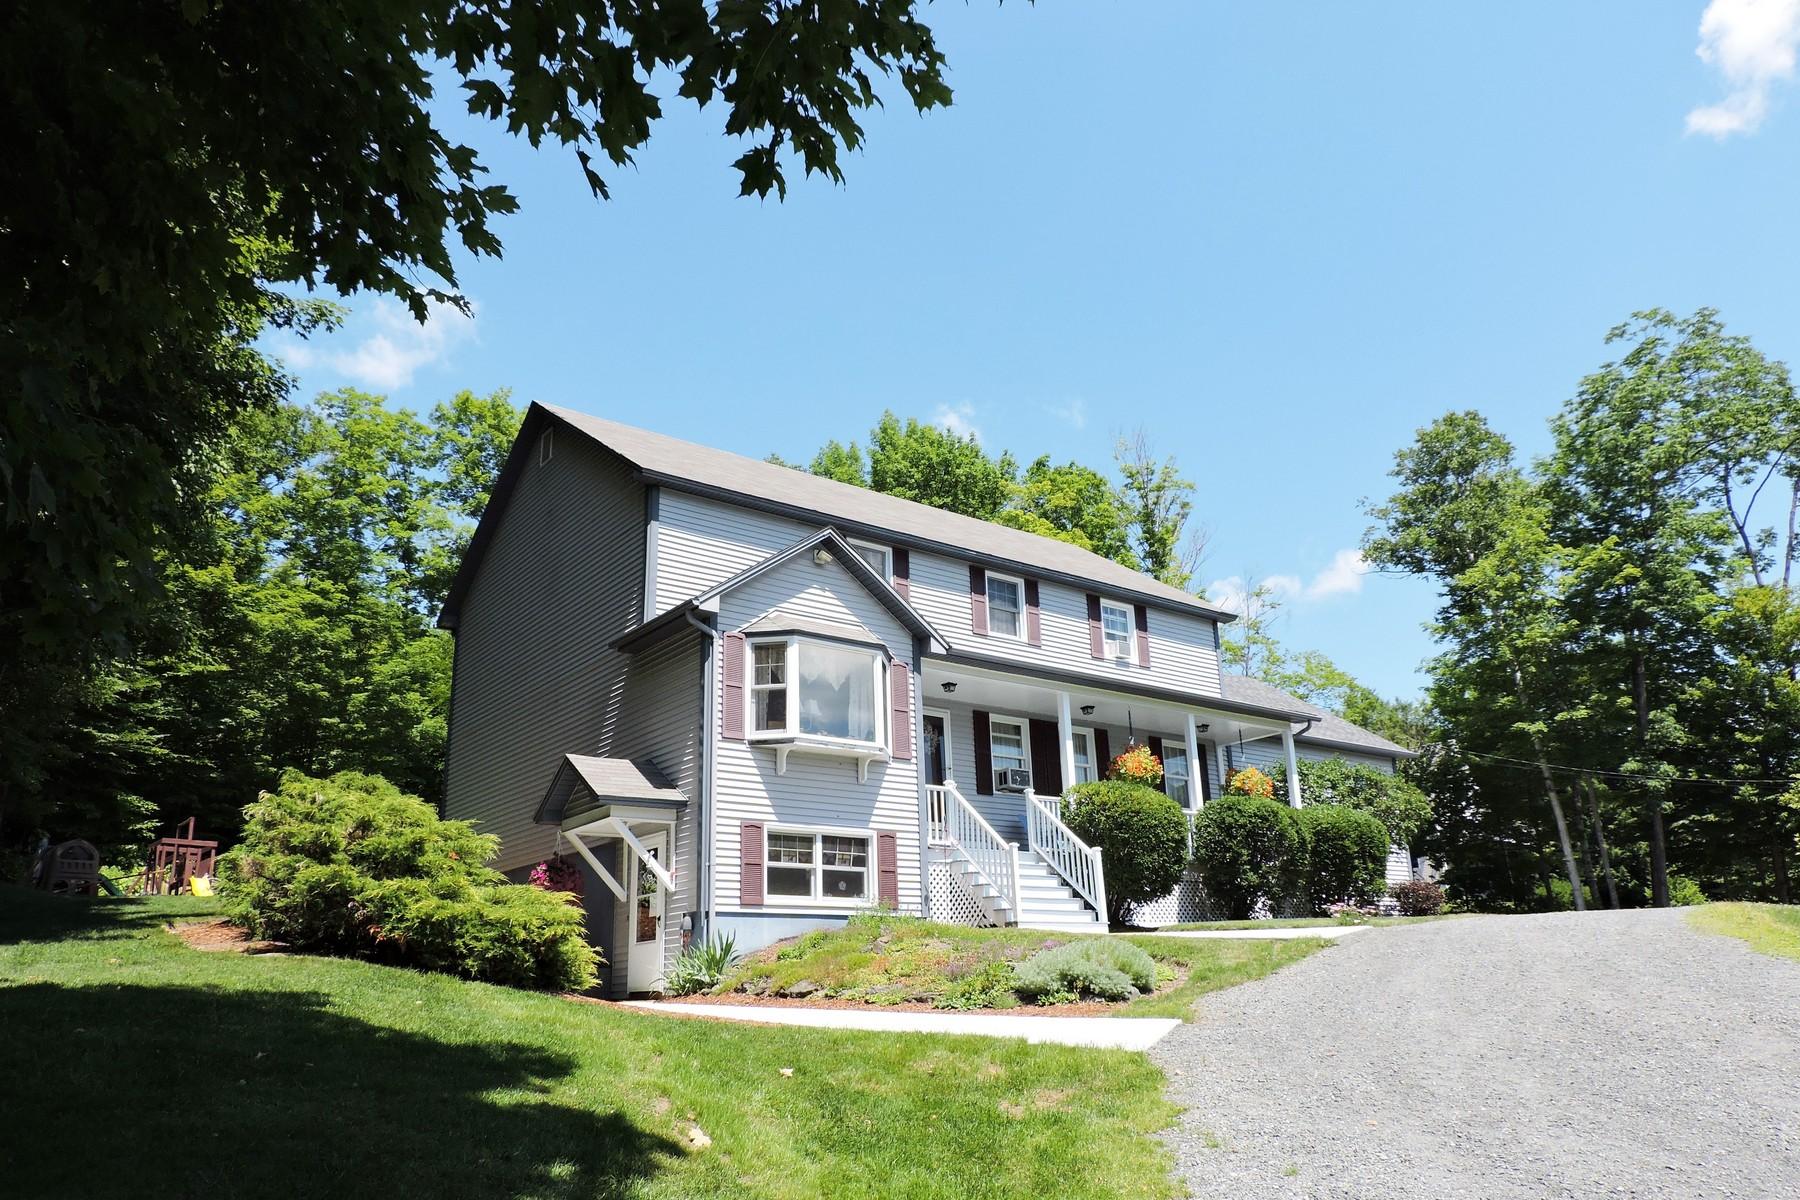 Maison unifamiliale pour l Vente à Meadowood Lane 229 Meadow Wood Ln Waterford, Vermont, 05819 États-Unis